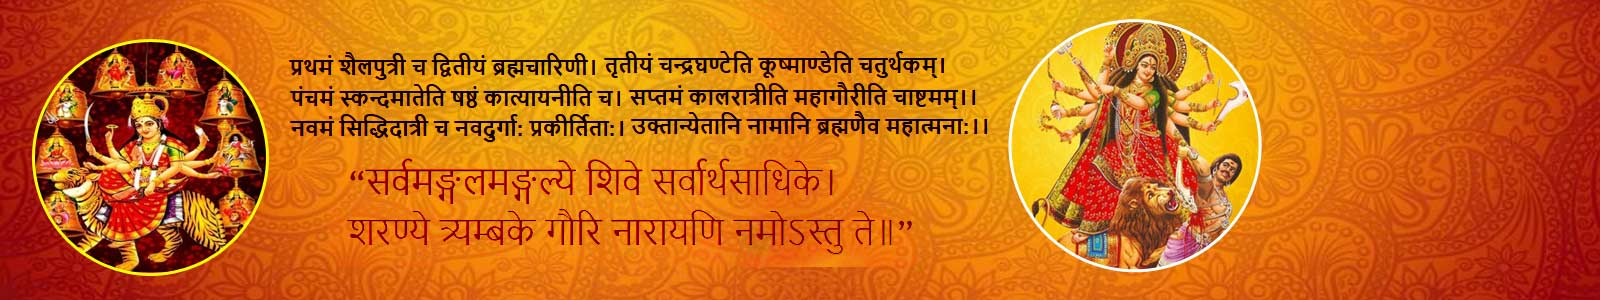 dingaznie • Blog Archive • Navratri nav durga mantra in hindi